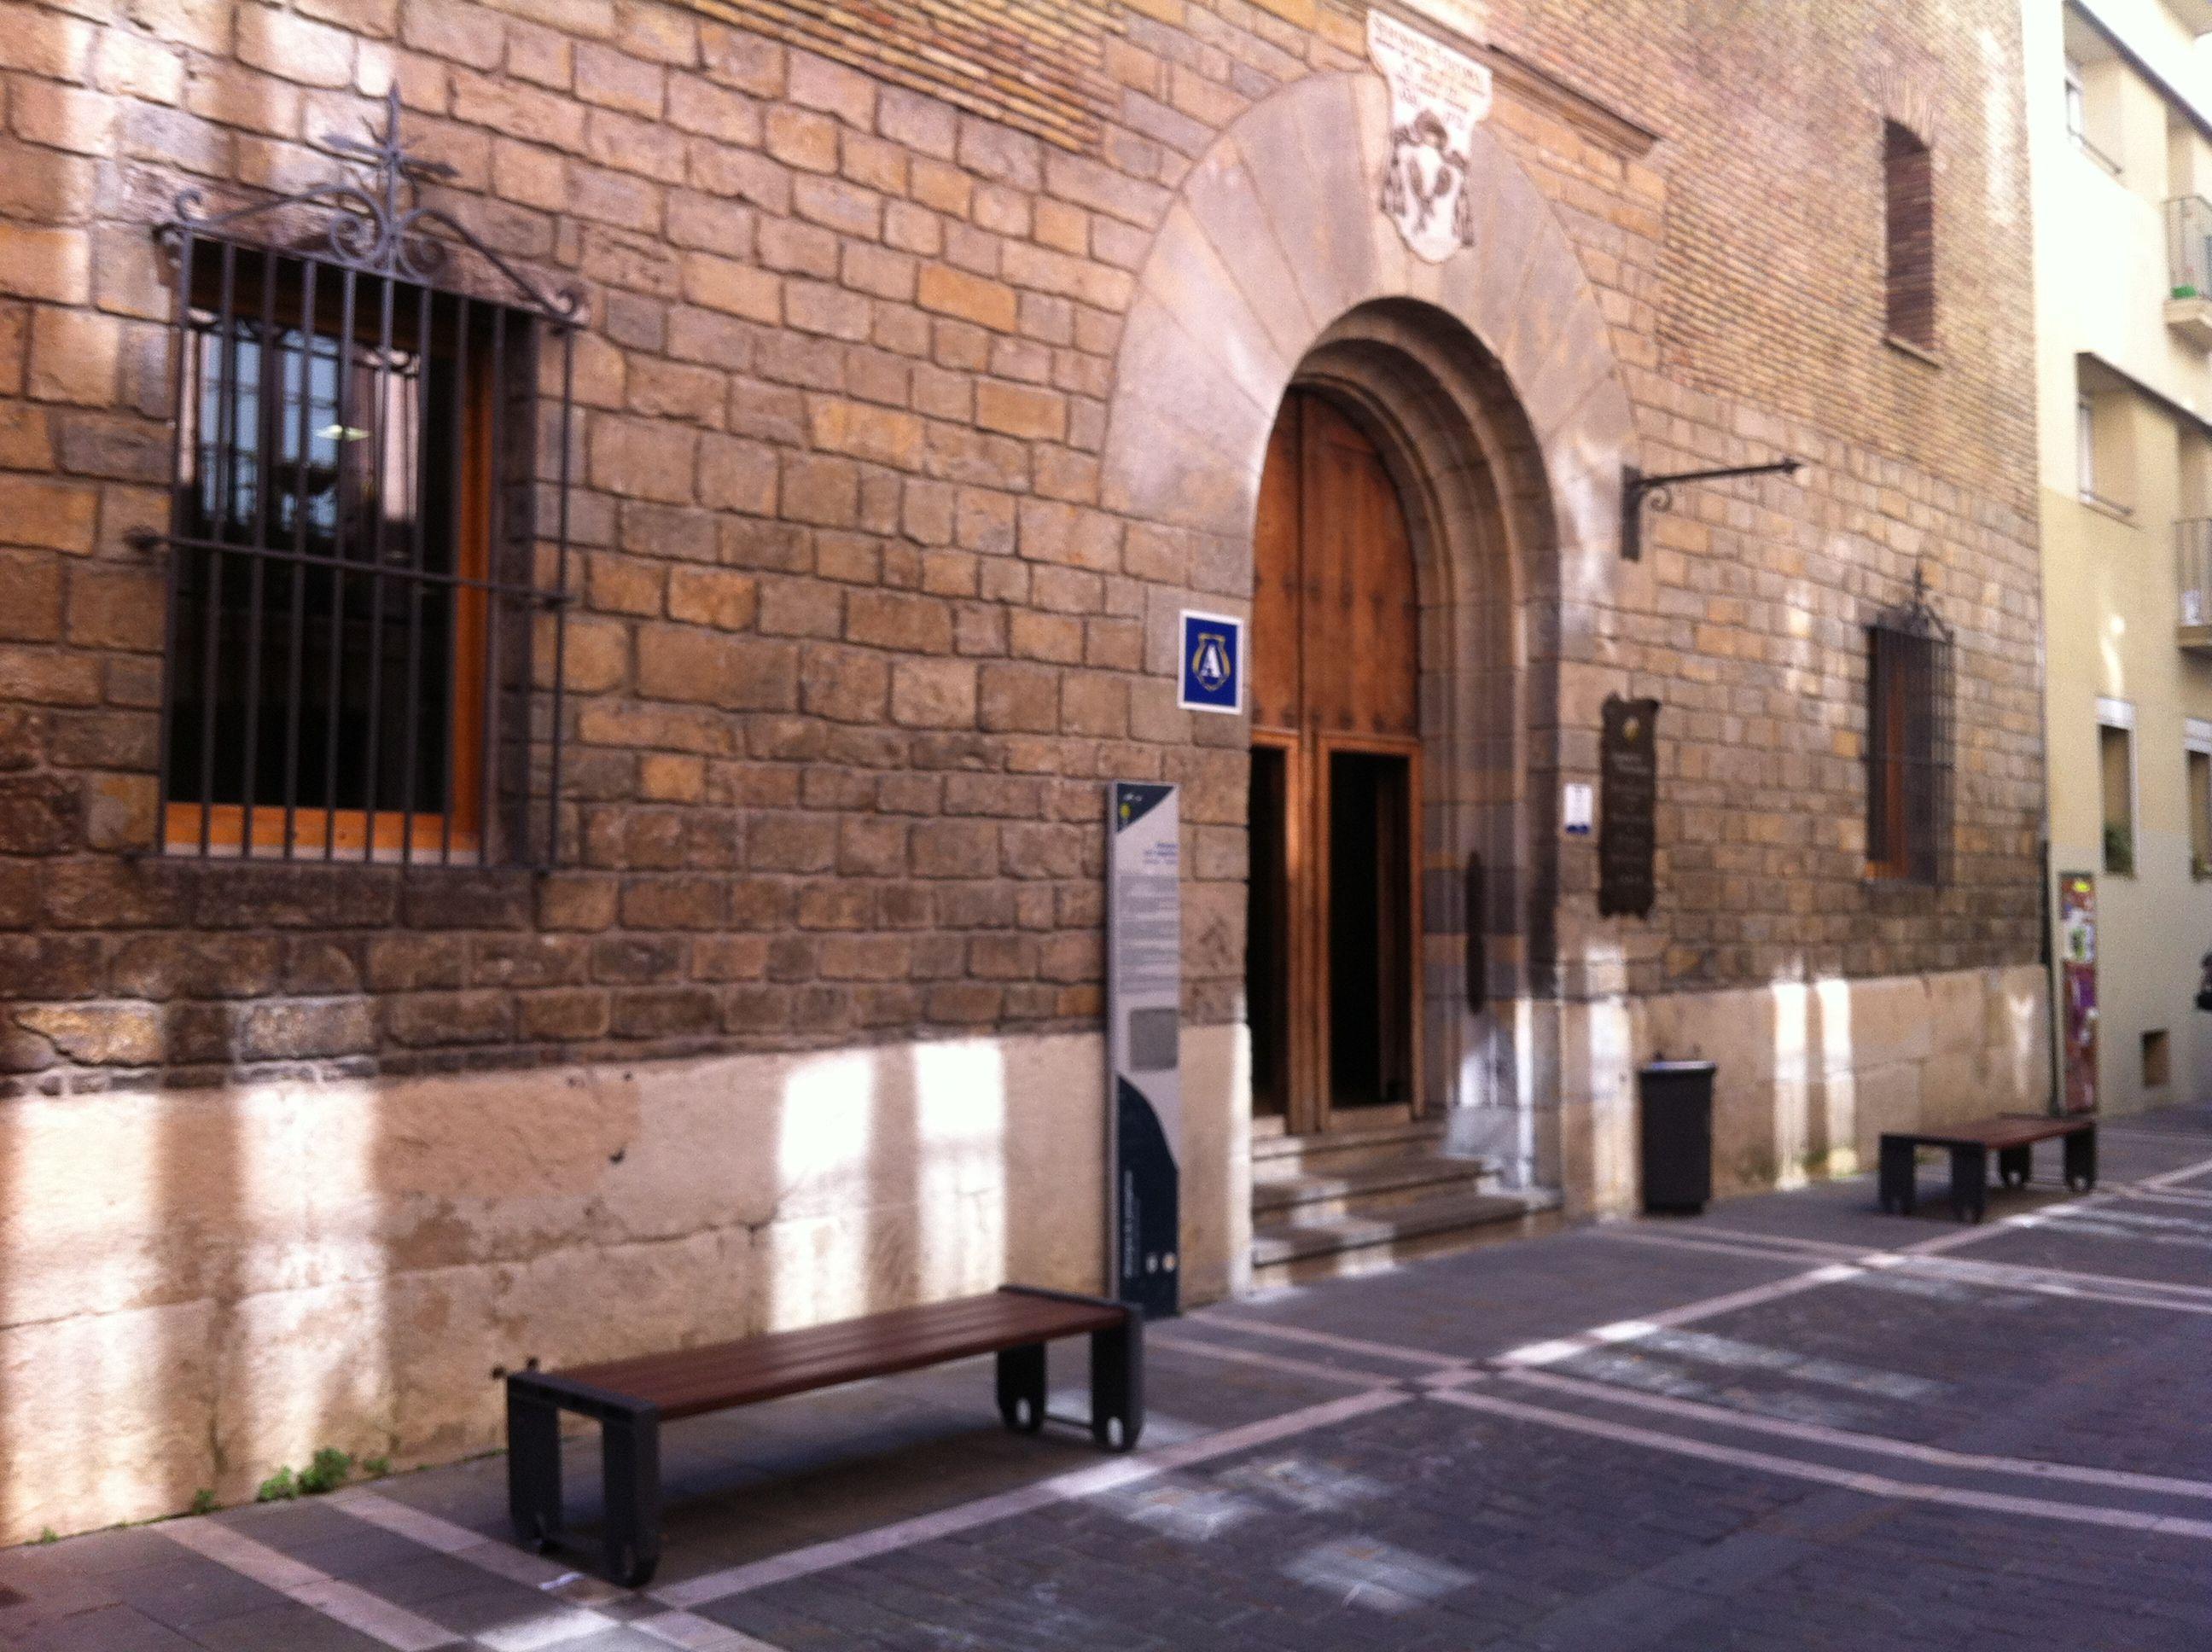 Aprobada la Carta de Servicios del albergue Jesús y María de Pamplona